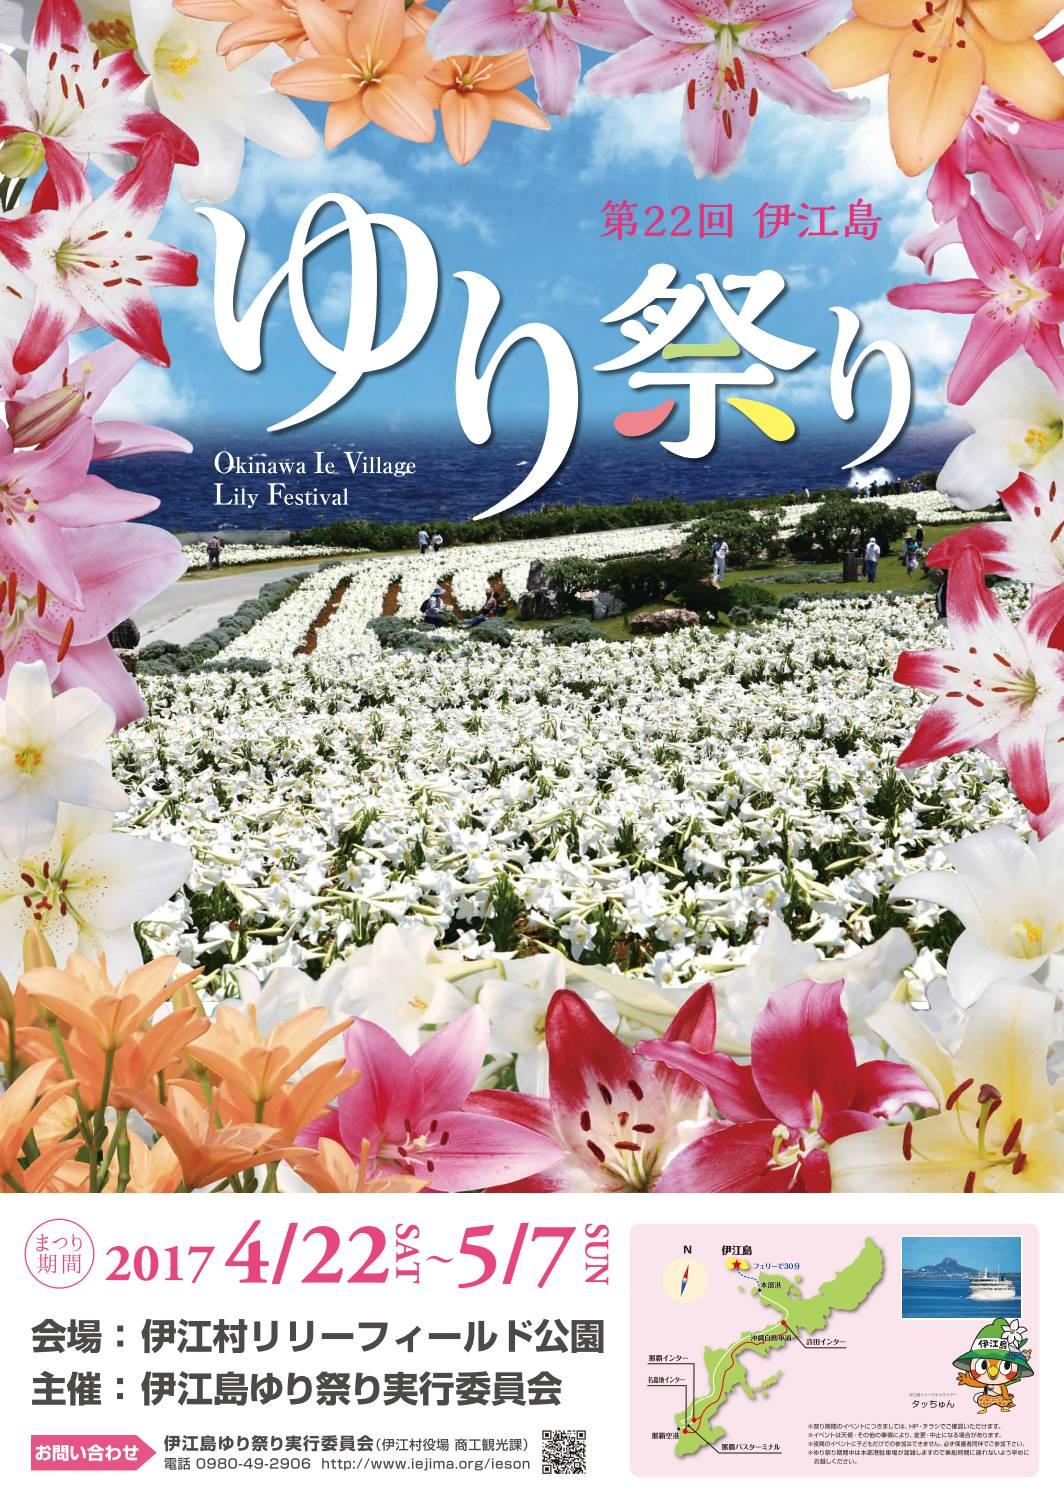 第22回伊江島ゆり祭り 2017年4/22~5/7